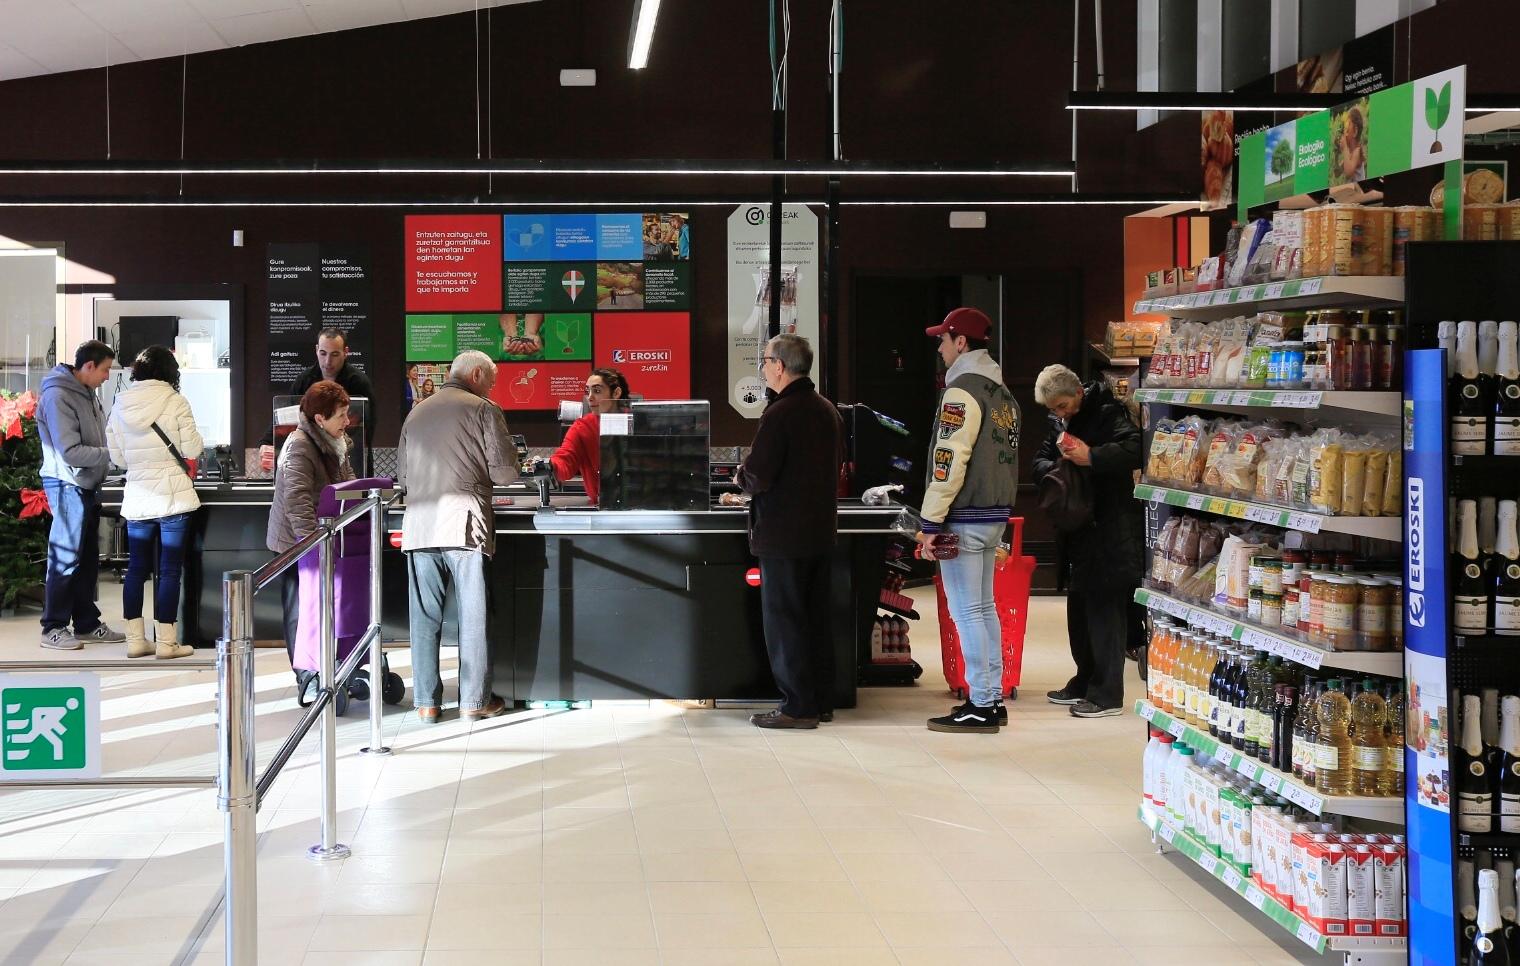 Gureak y Eroski abre un nuevo supermercado gestionado íntegramente por personas con discapacidad